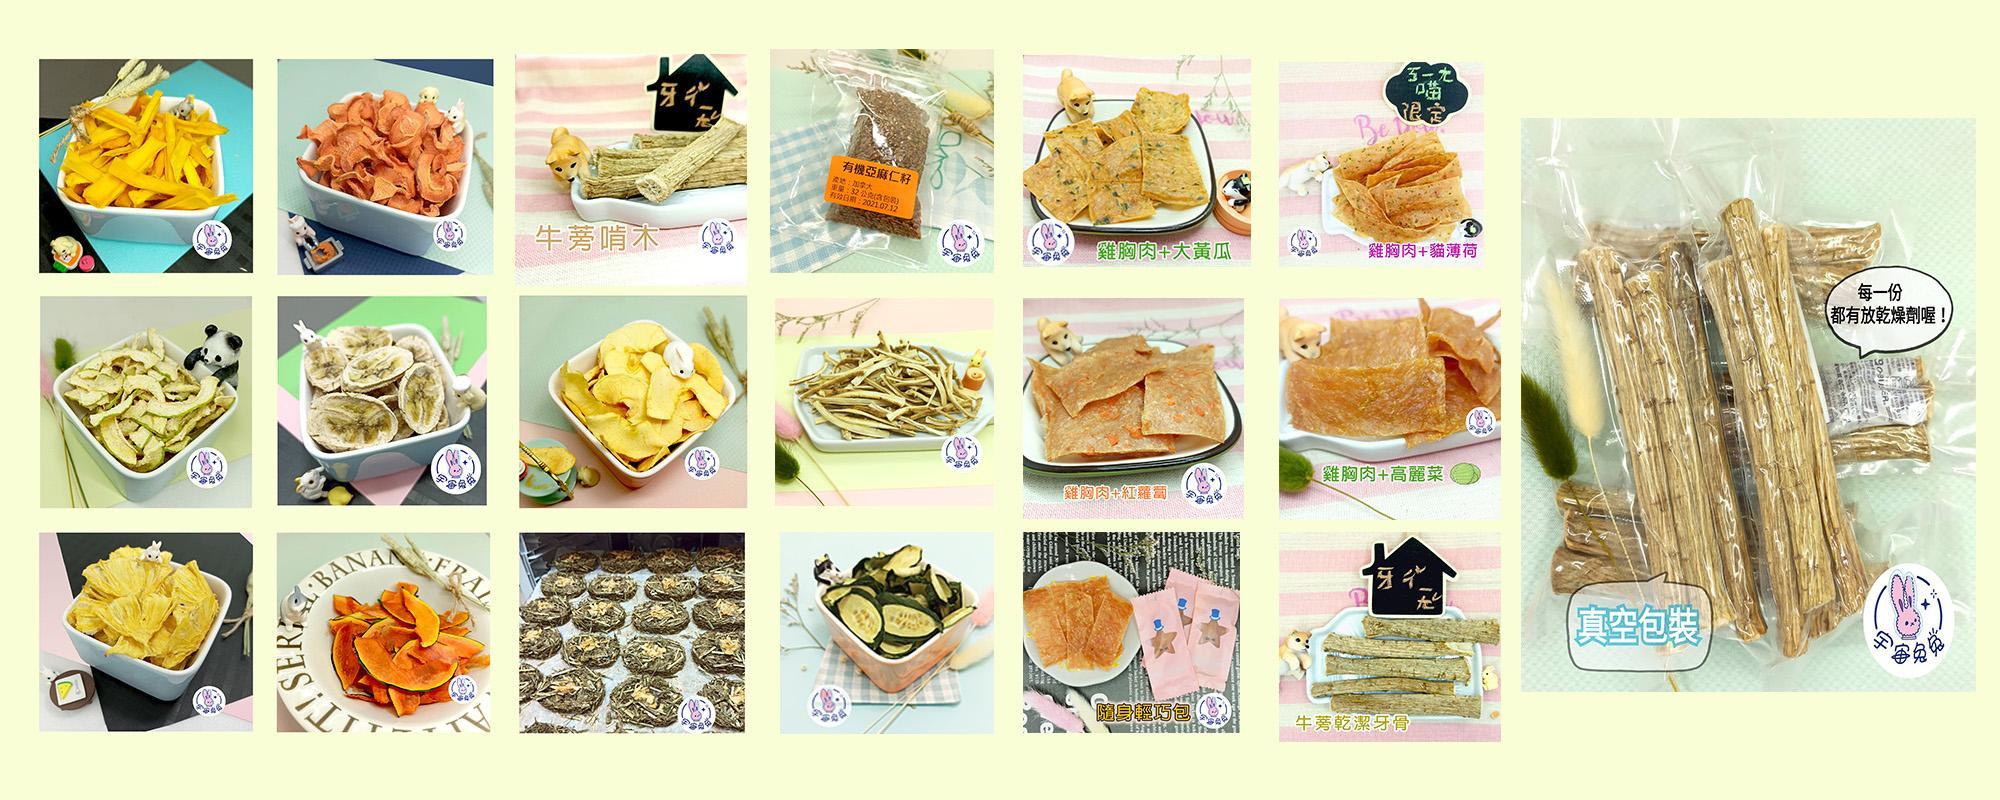 自製天然原型食物